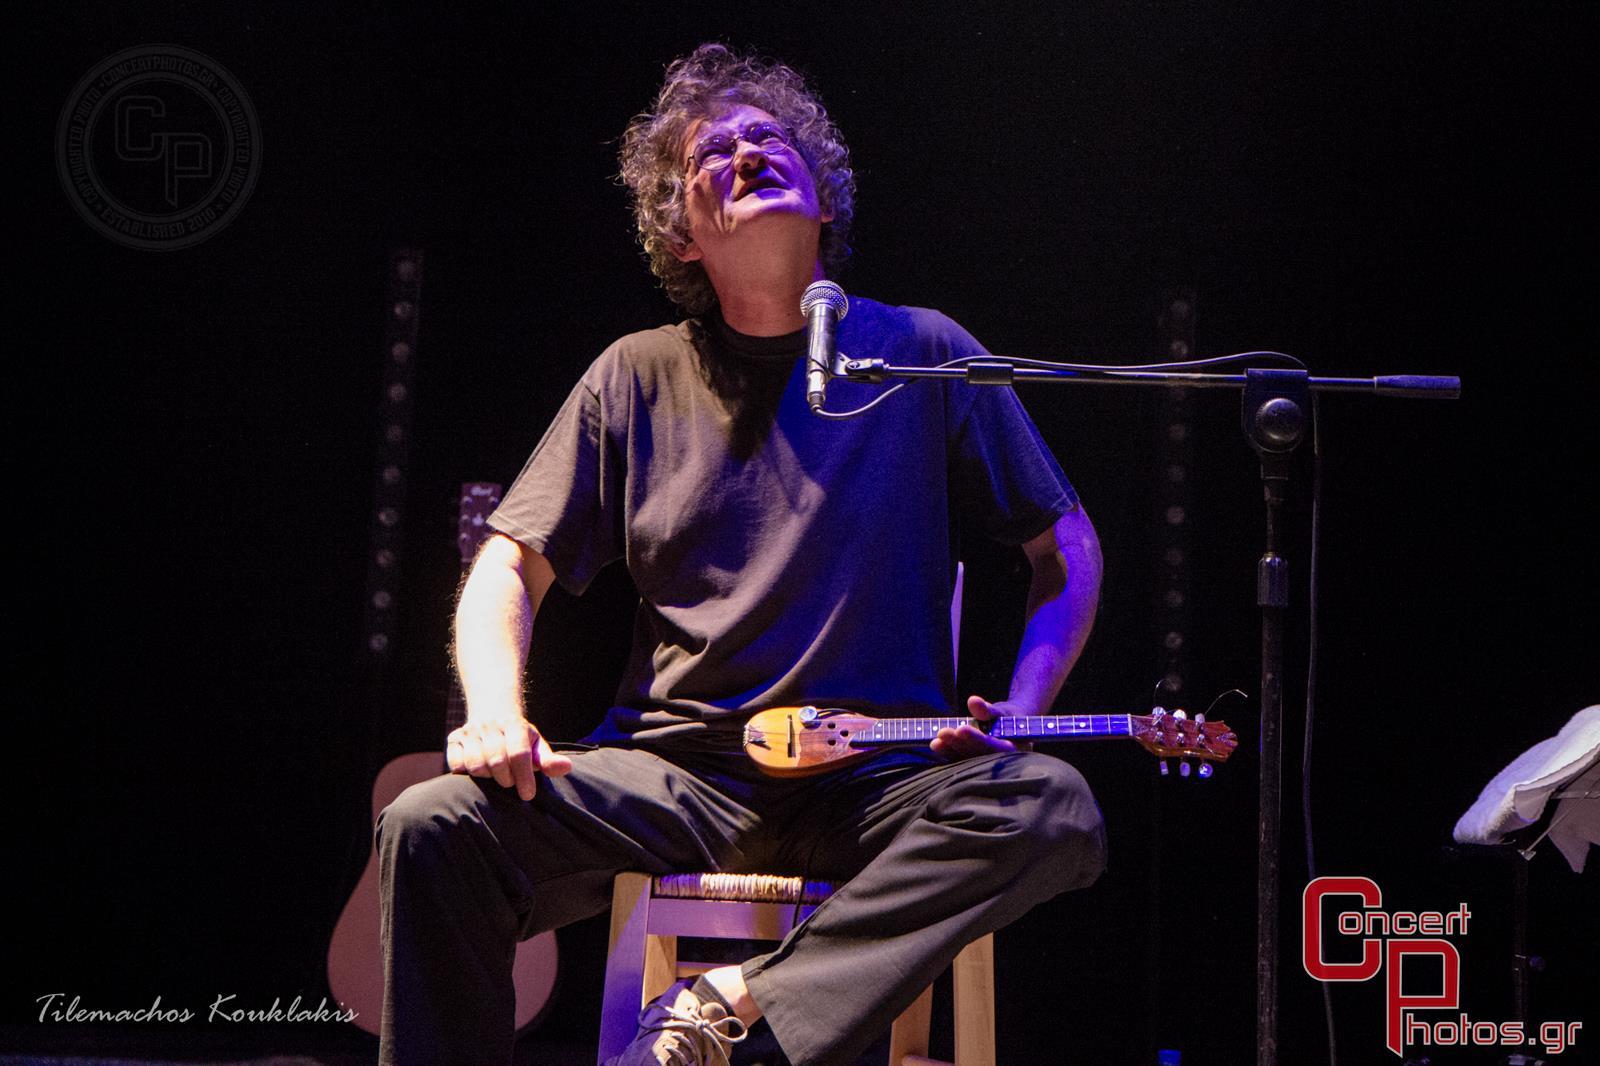 Γιάννης Αγγελάκας - Σύννεφα με Παντελόνια-Aggelakas-2 photographer:  - concertphotos_-1405152971